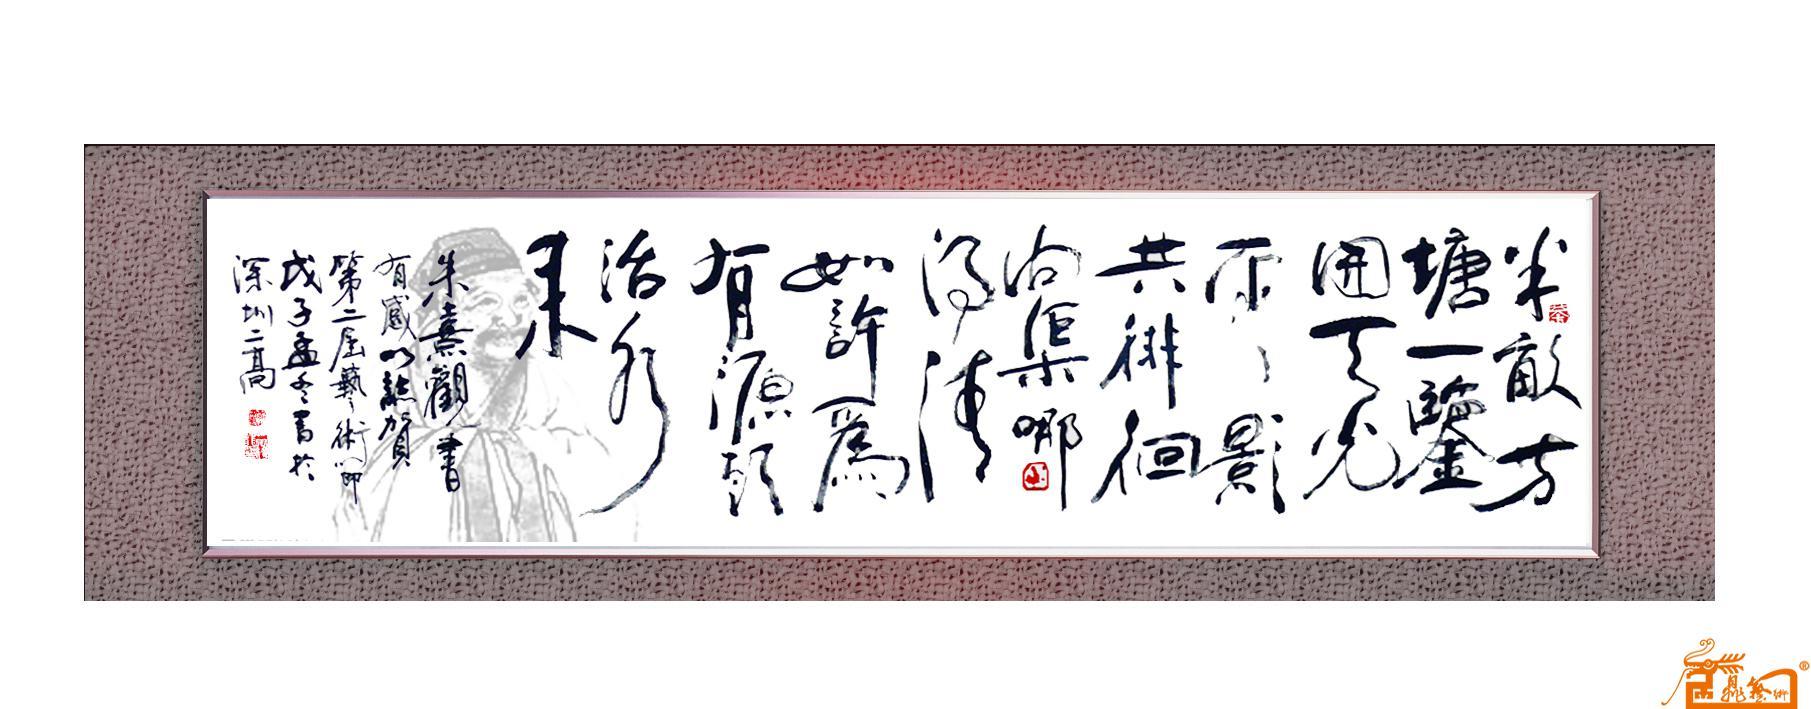 行草书法 万延龙 中国书画服务中心